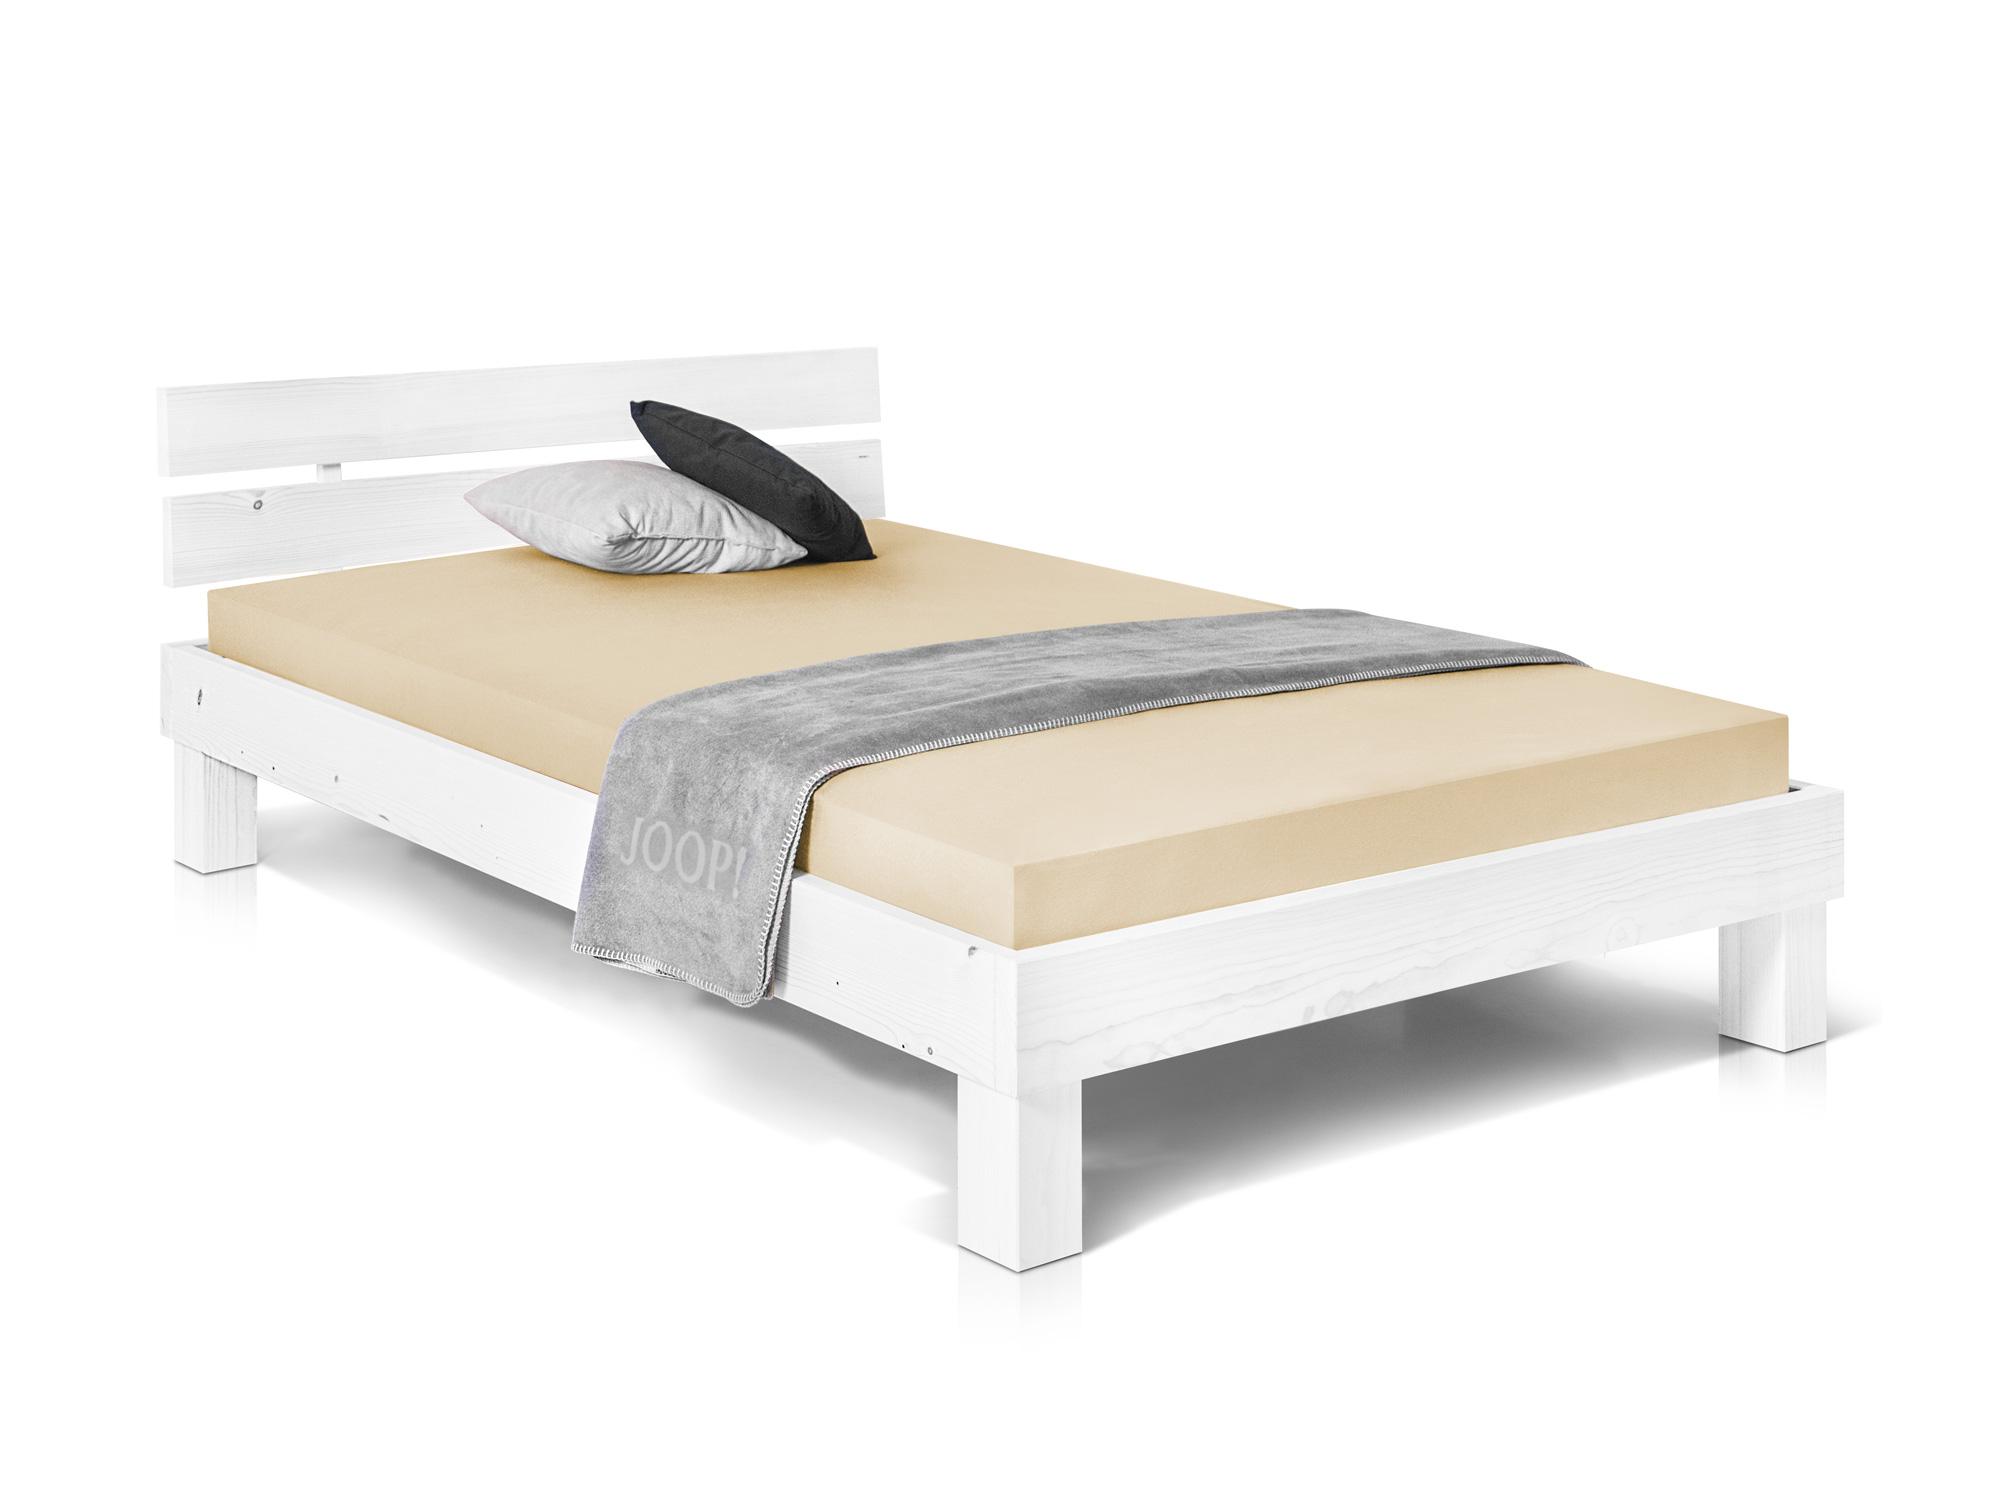 Full Size of Pumba Singlebett Bett Futonbett 120x200 Fichte Massiv Wei Weiss Mit Bettkasten Weiß Betten Matratze Und Lattenrost Wohnzimmer Kinderbett 120x200